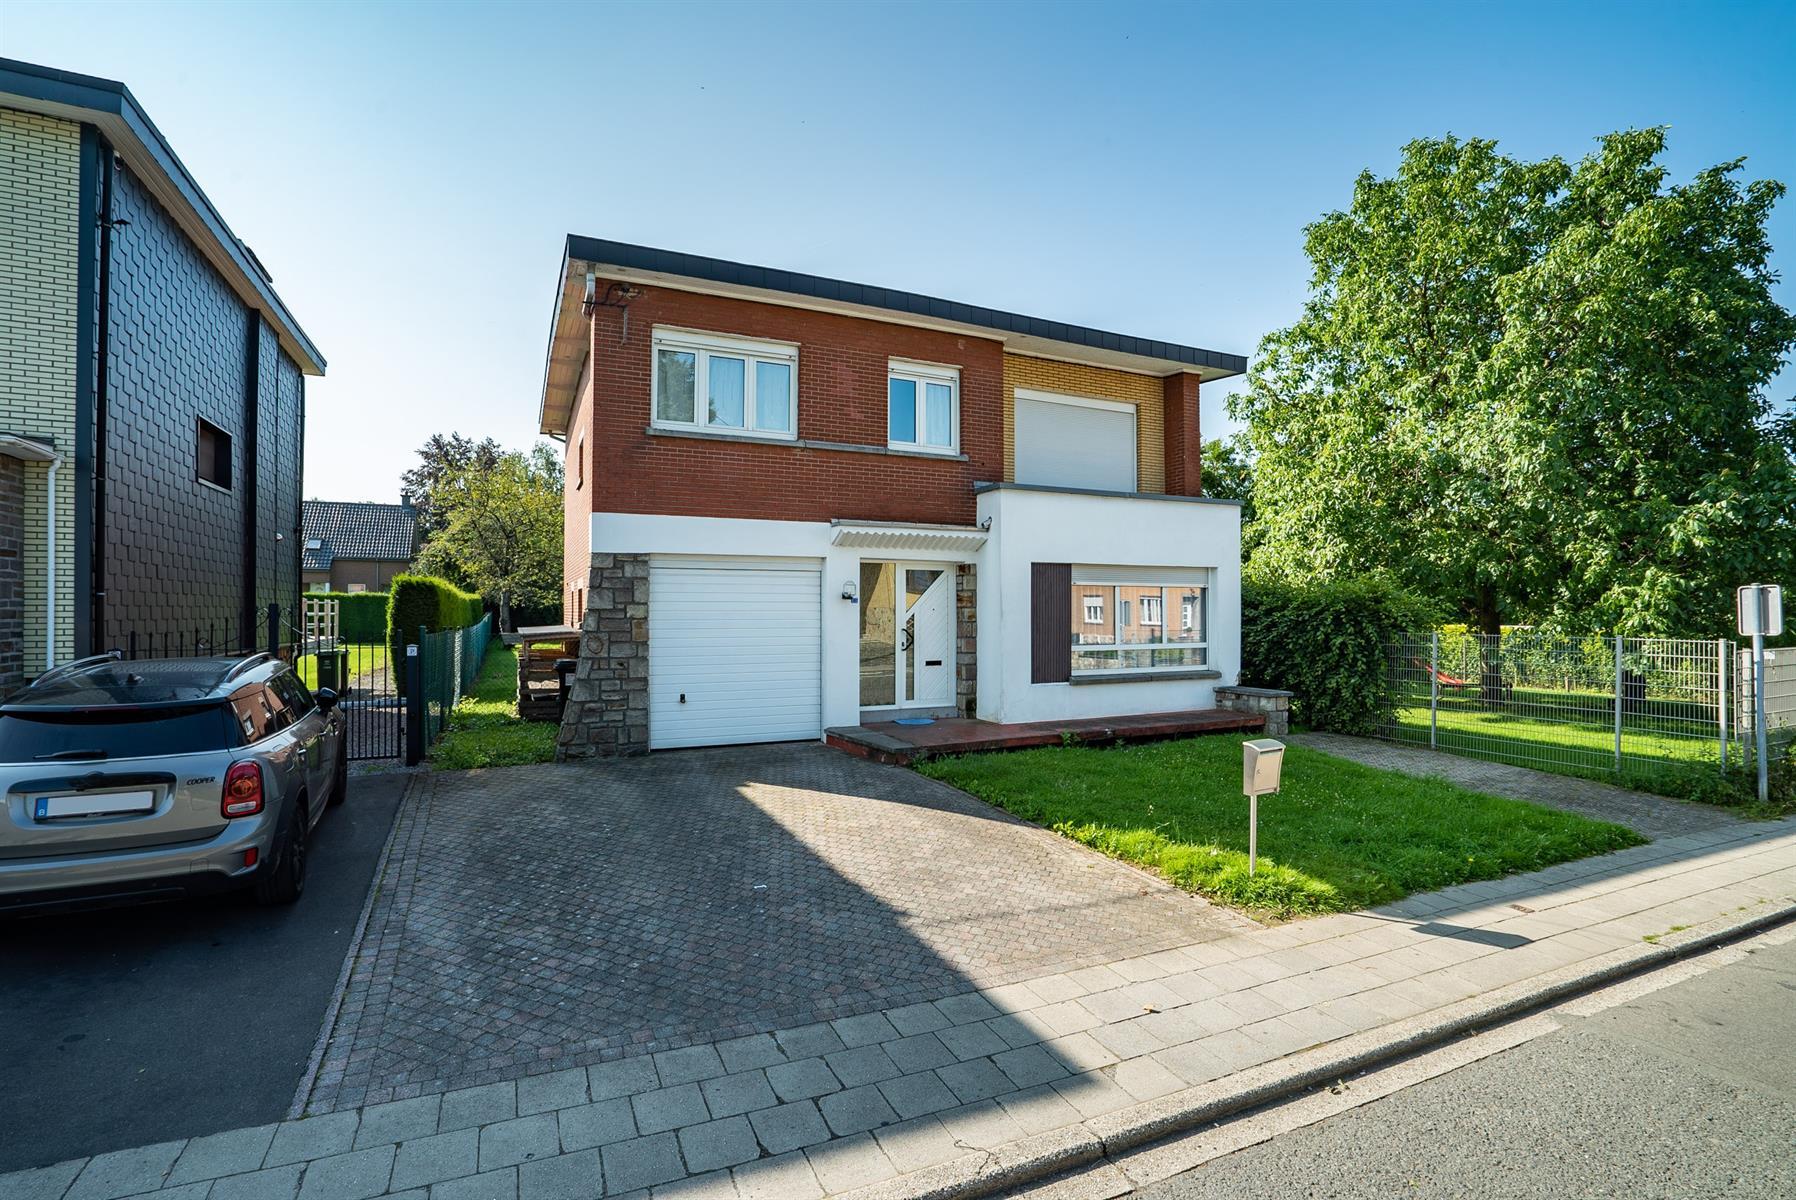 Maison - Verviers Stembert - #4406533-1